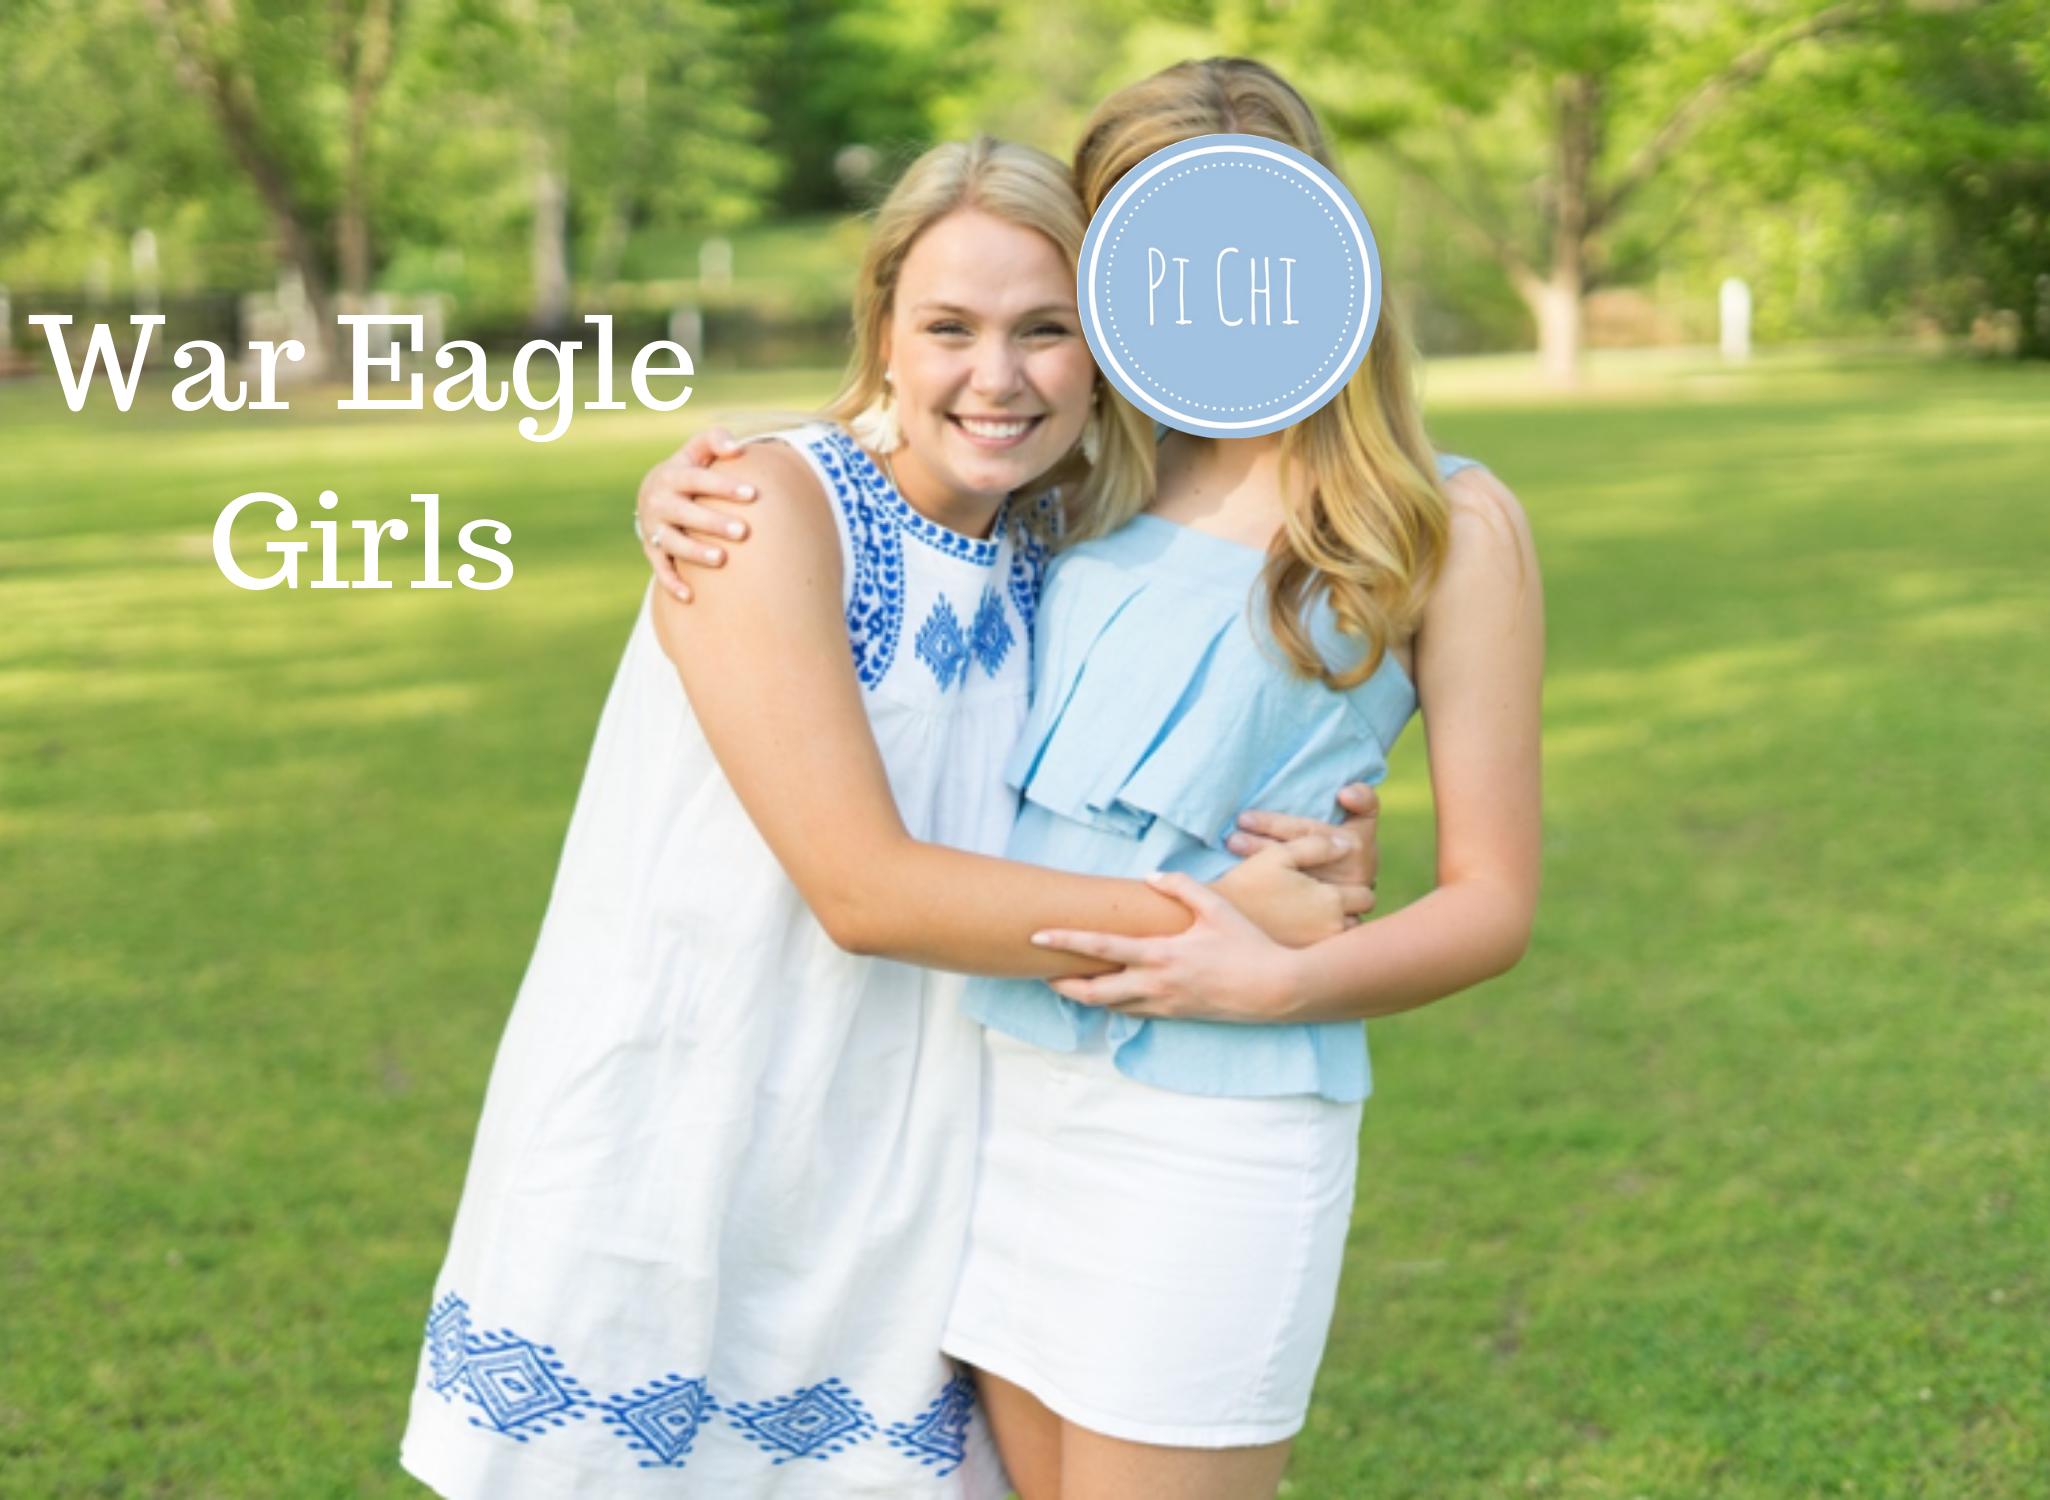 War Eagle Girls.png